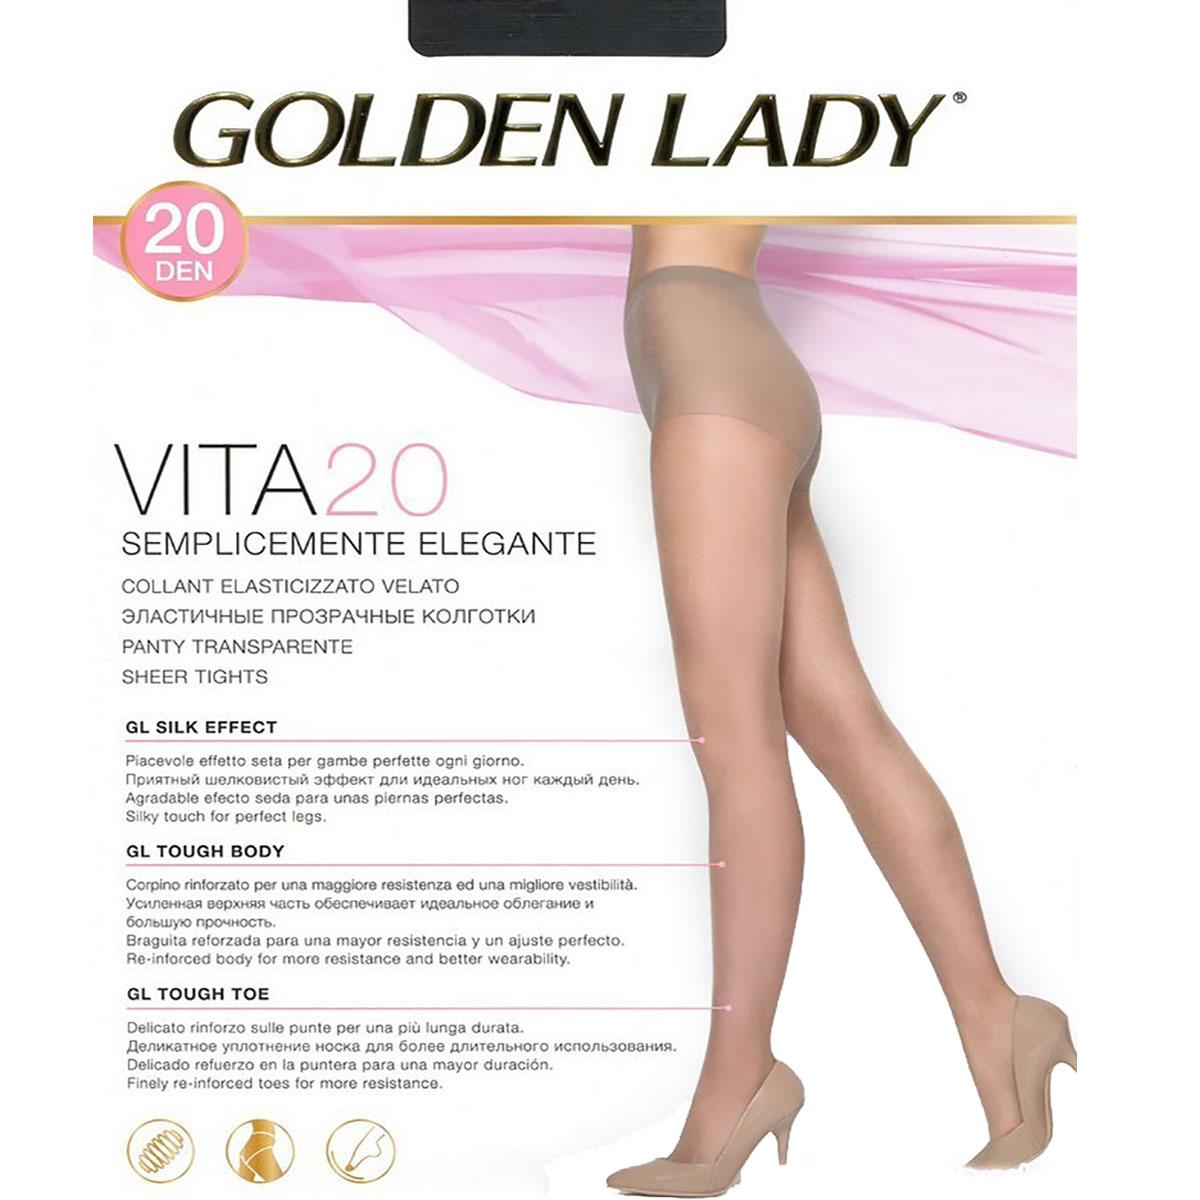 8ebe8f7ca Collant VITA 20 nero Golden Lady